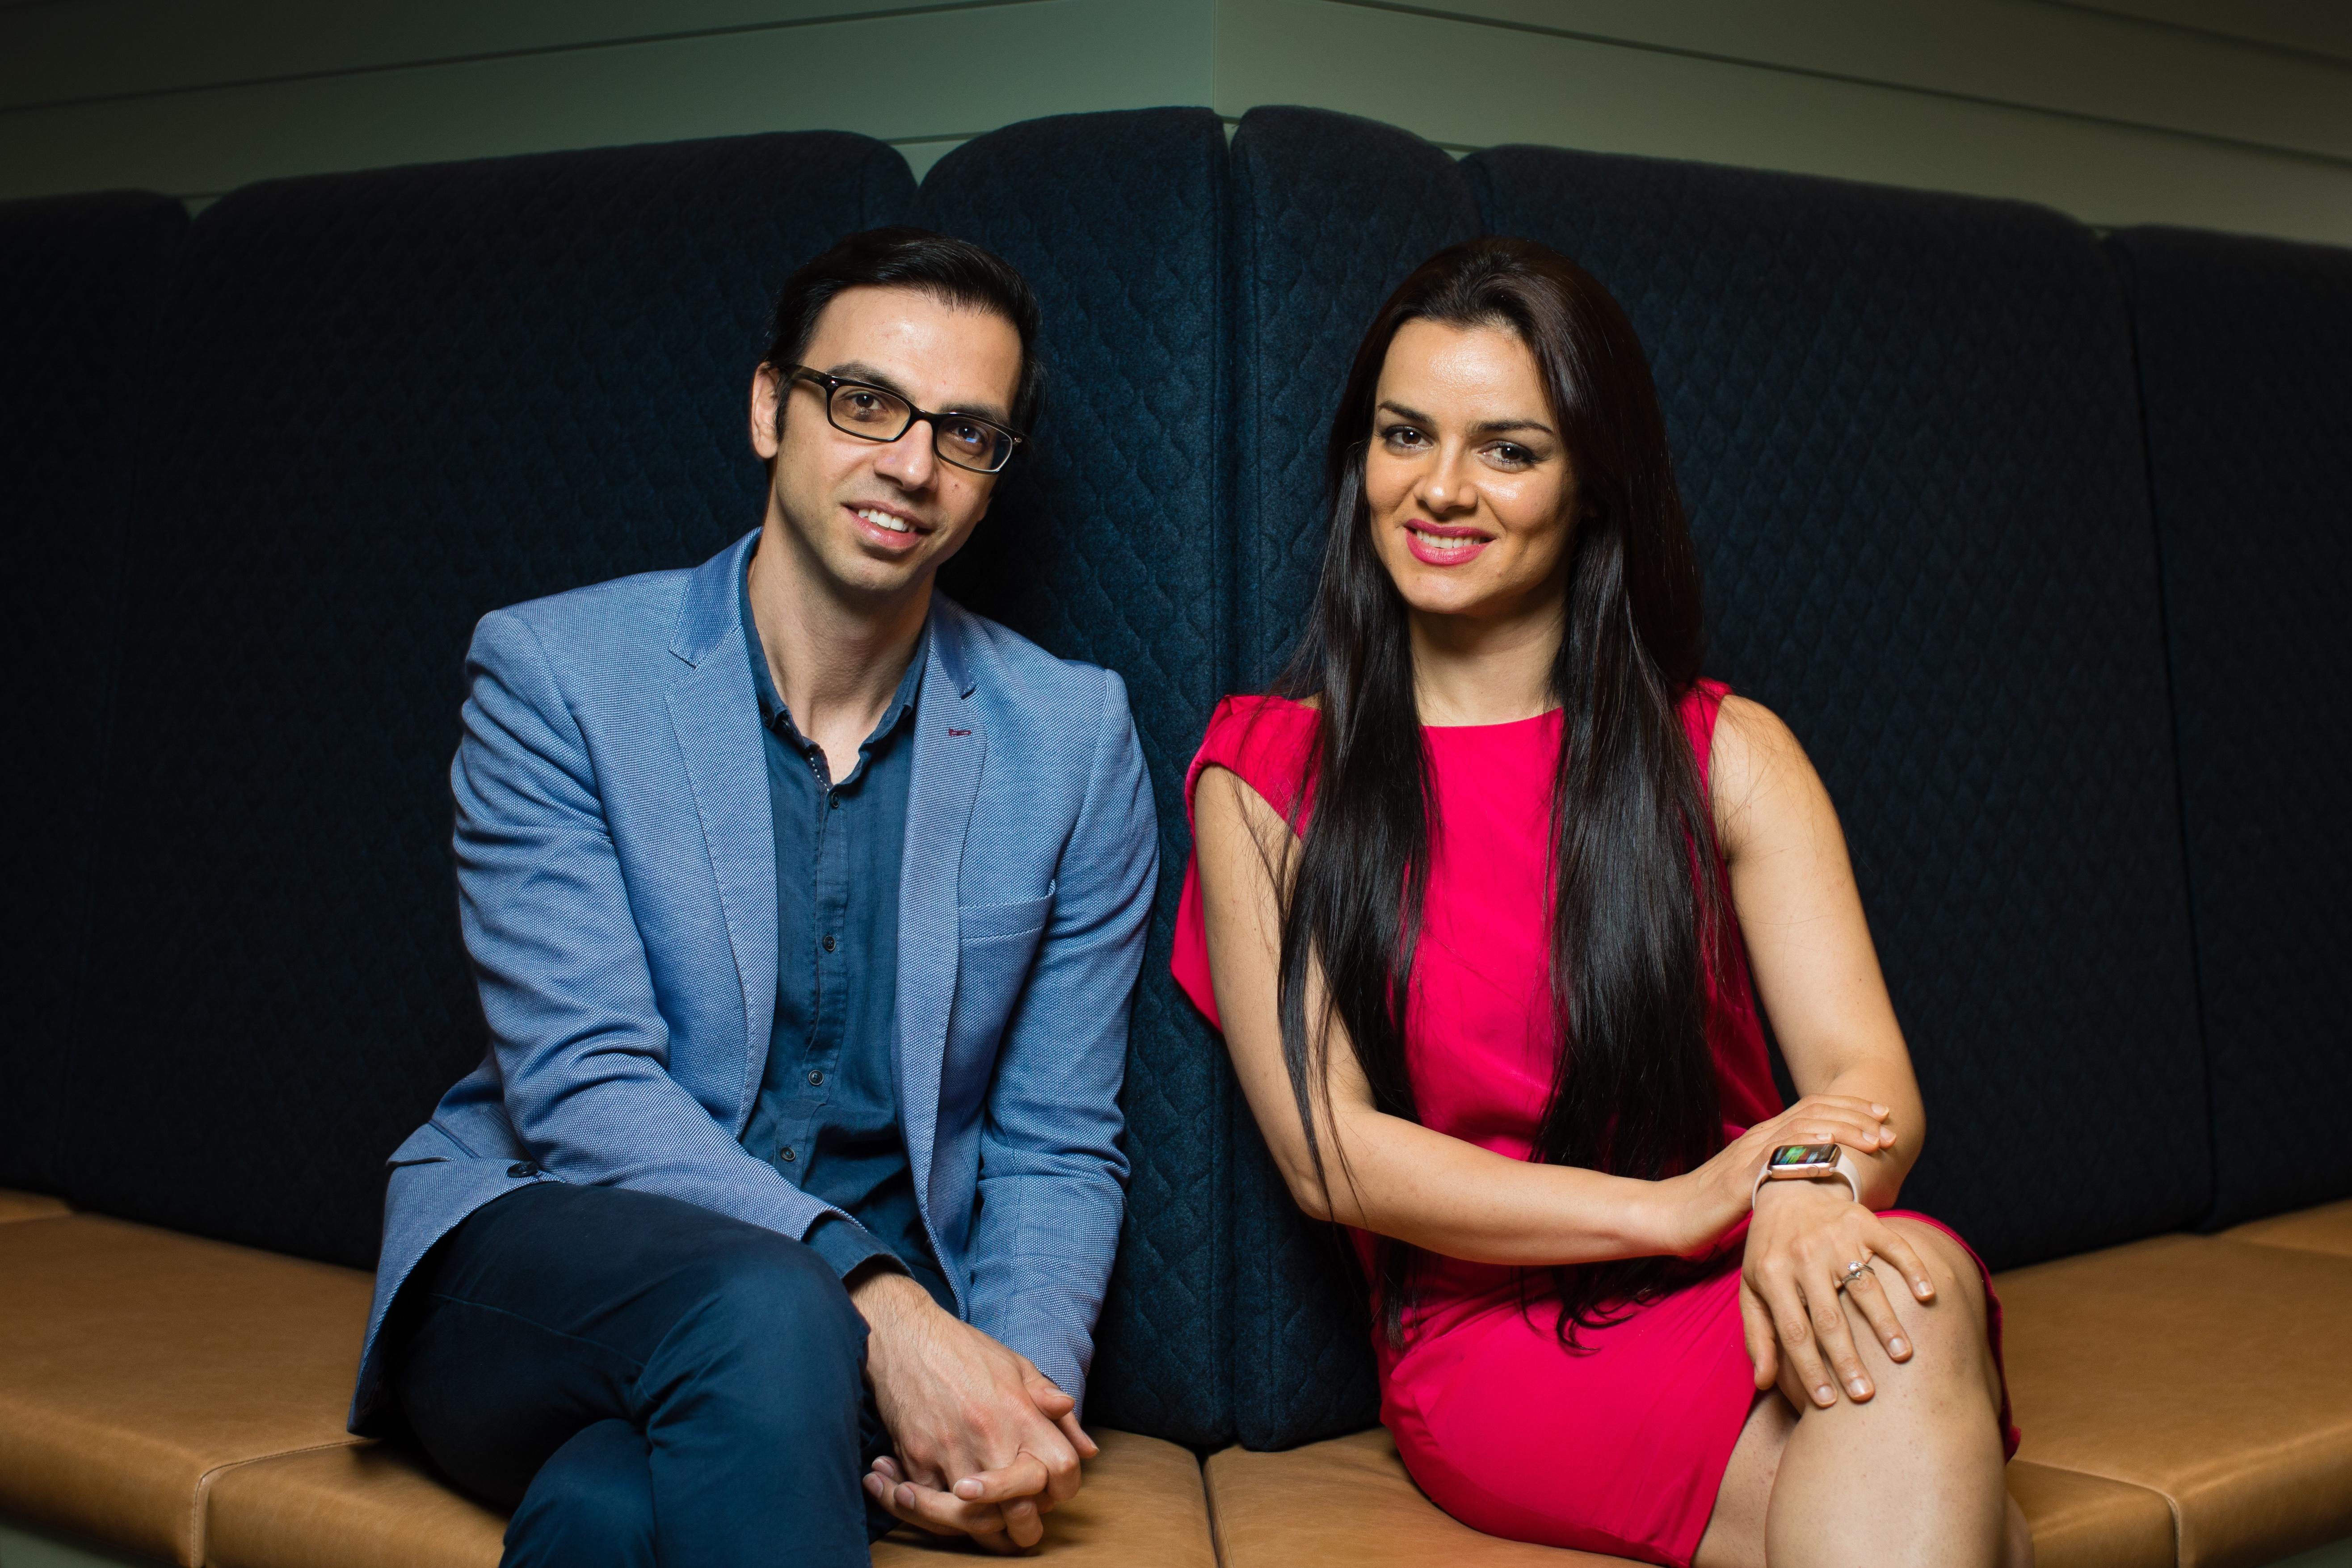 Maryam Sadeghi and Majid Razmare - MetaOptima